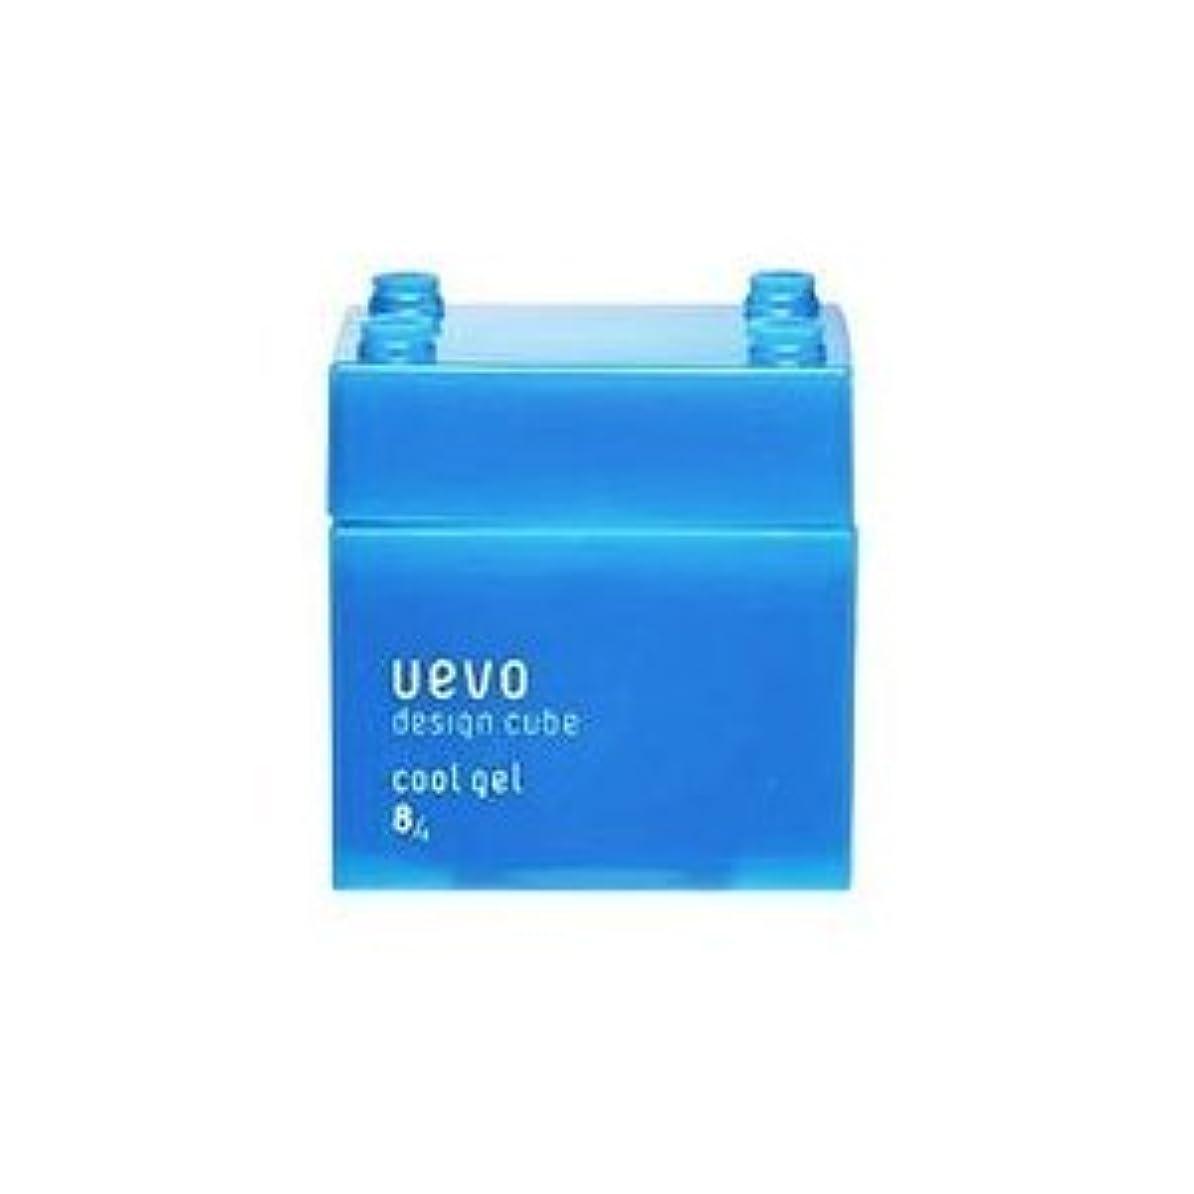 ペレグリネーションストレンジャー磨かれた【X3個セット】 デミ ウェーボ デザインキューブ クールジェル 80g cool gel DEMI uevo design cube